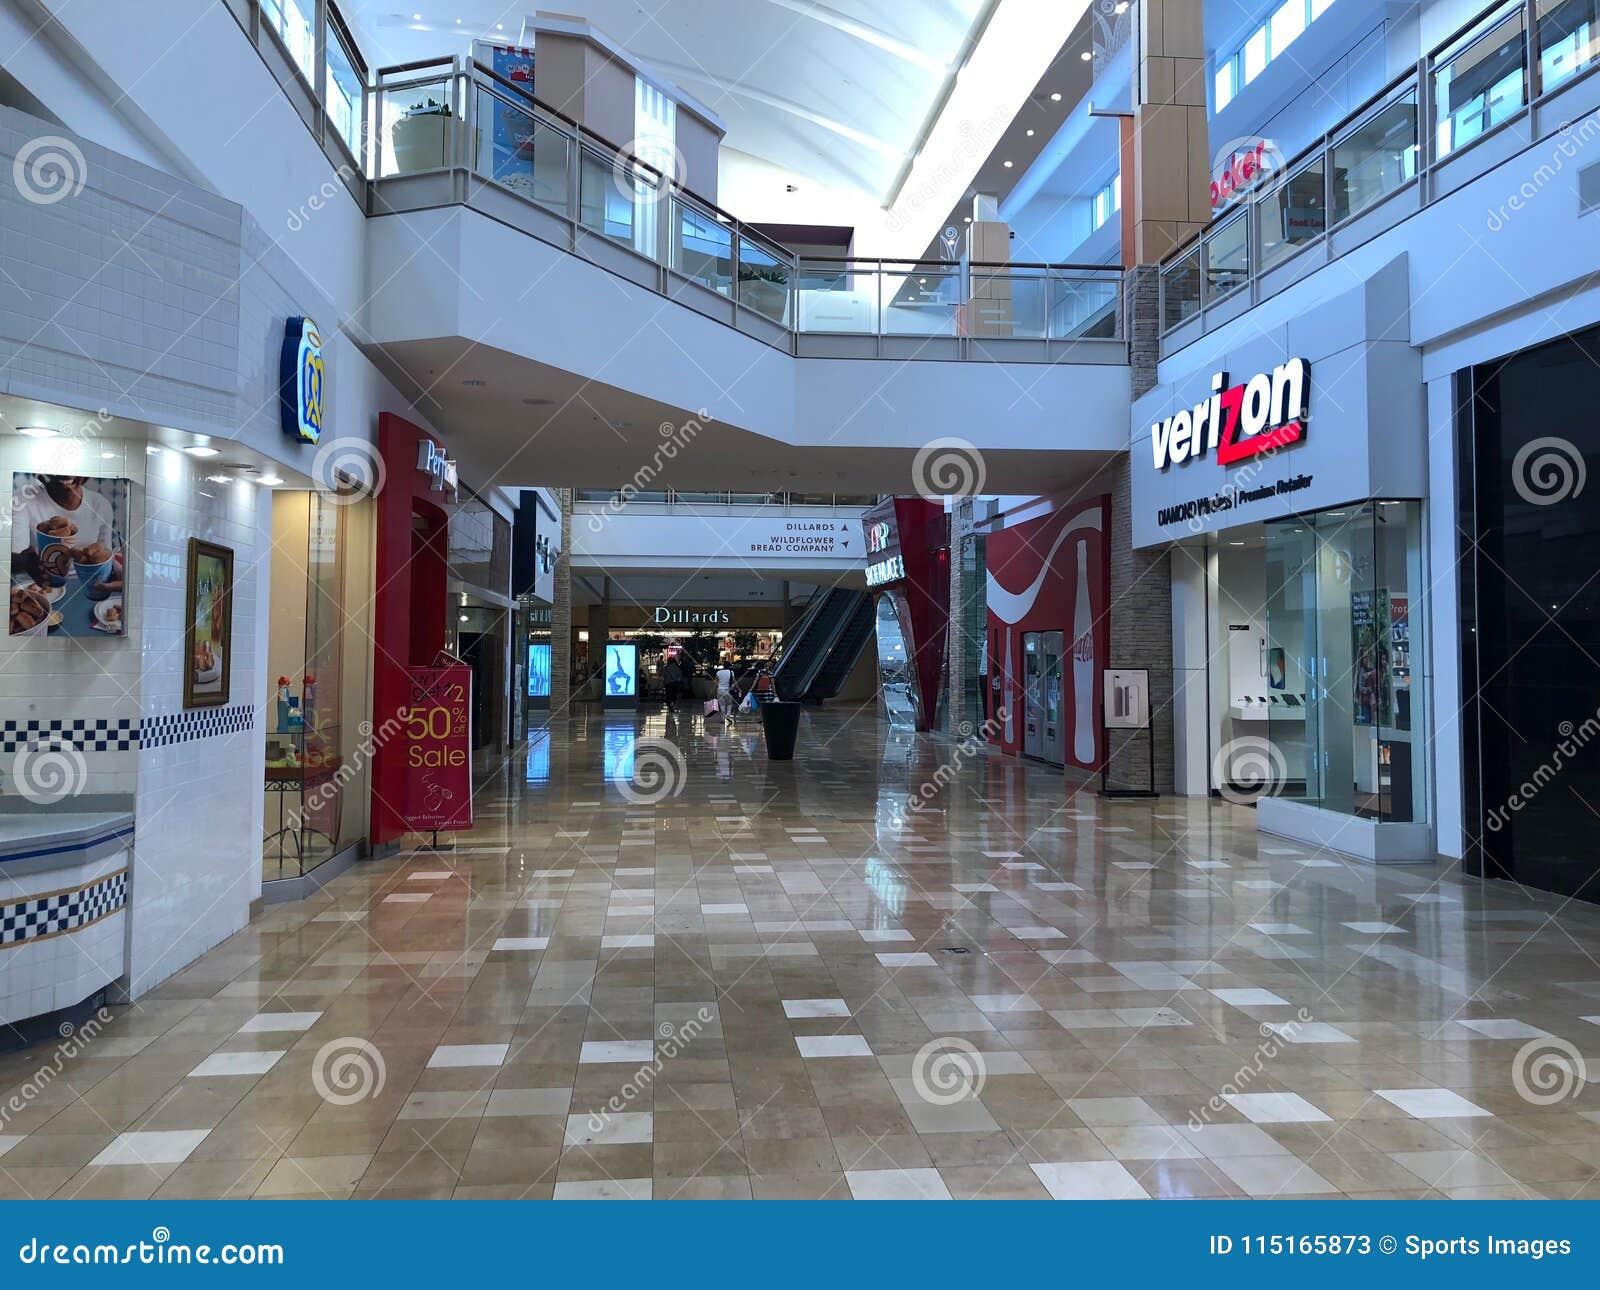 Verizon Wireless almacena el frente en el cerero Arizona Shopping Mall